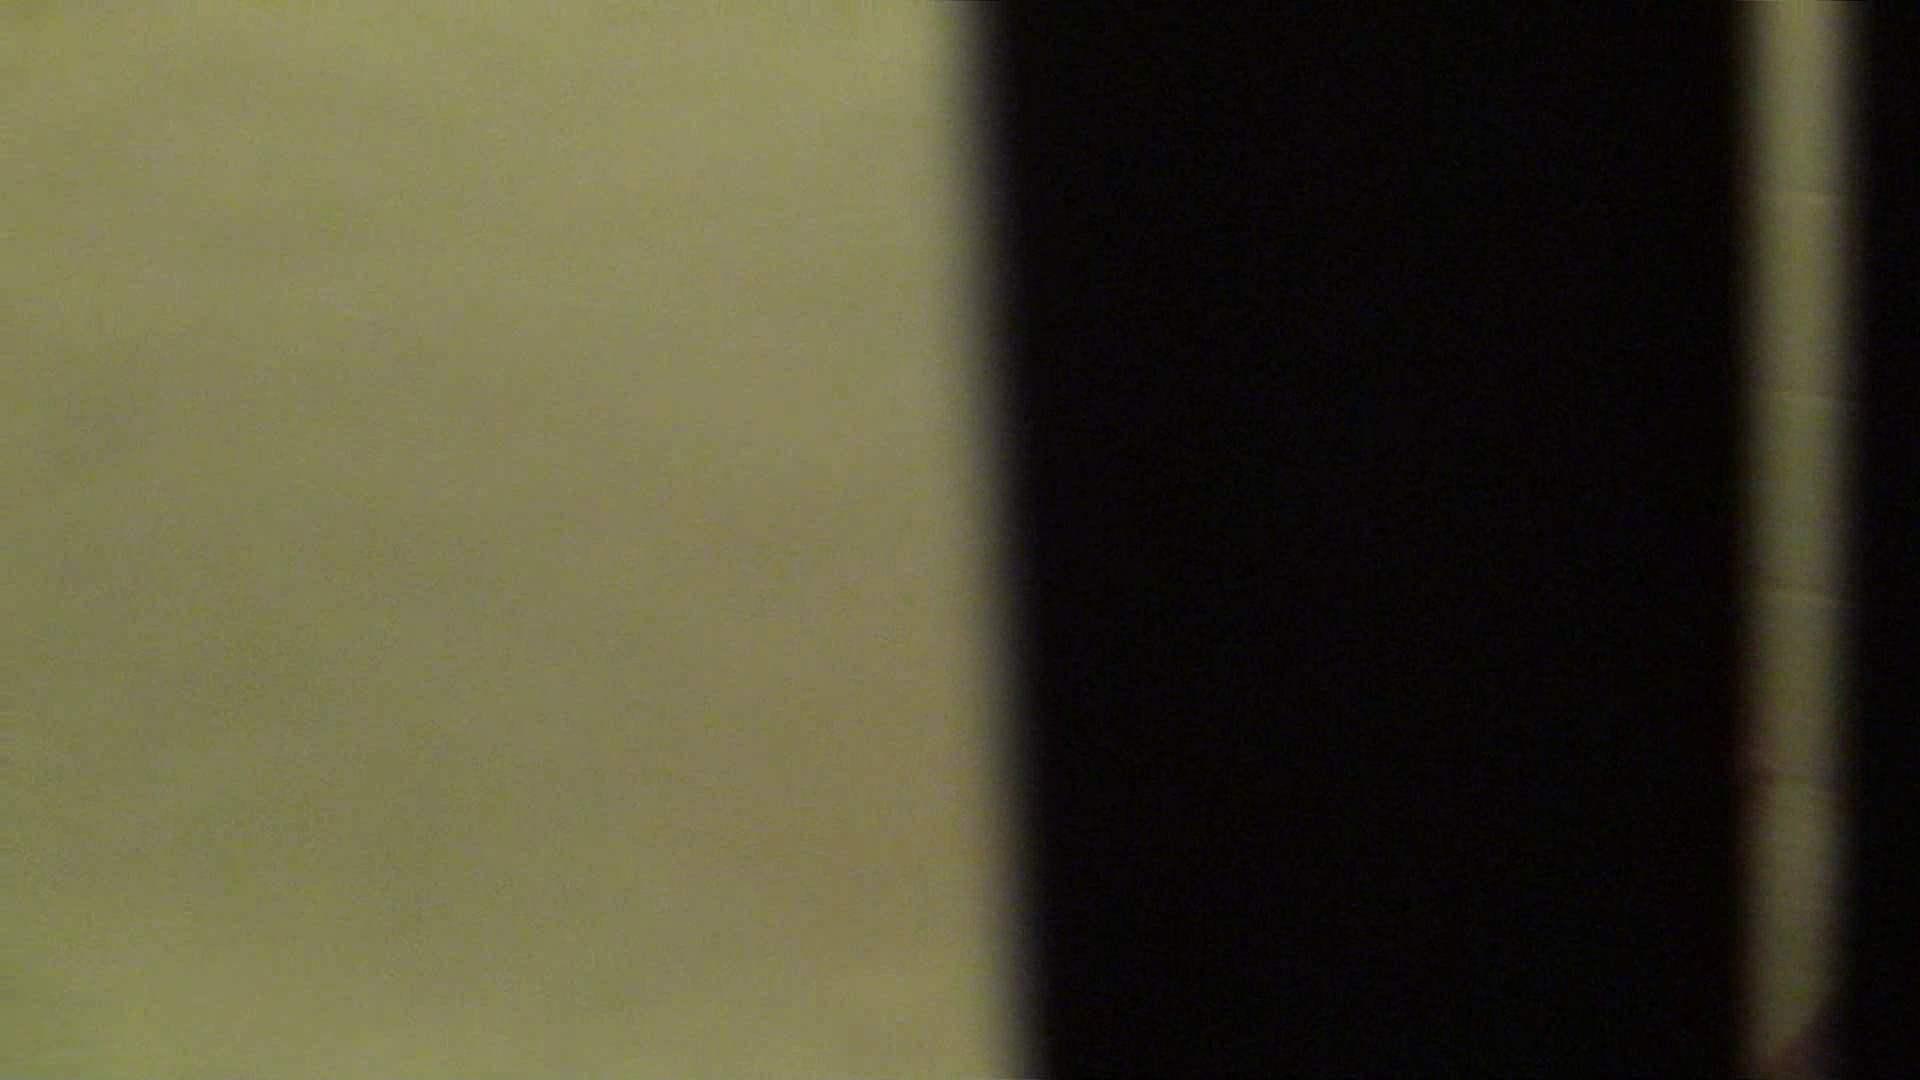 vol.02超可愛すぎる彼女の裸体をハイビジョンで!至近距離での眺め最高! 裸体 おめこ無修正動画無料 94連発 34